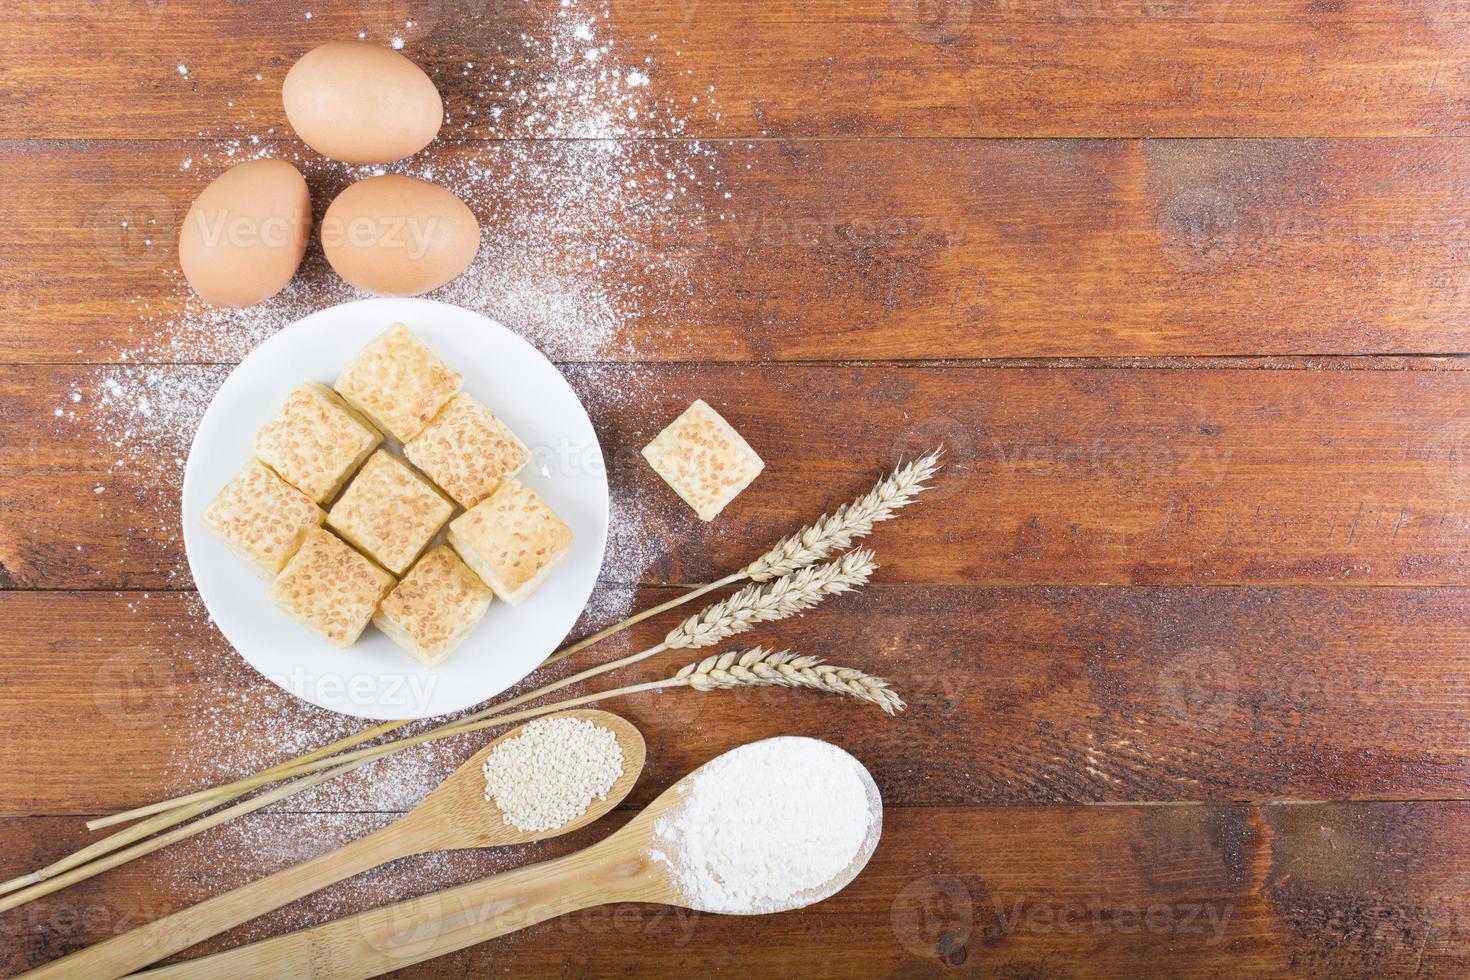 ingredienti per ricette e cucina foto